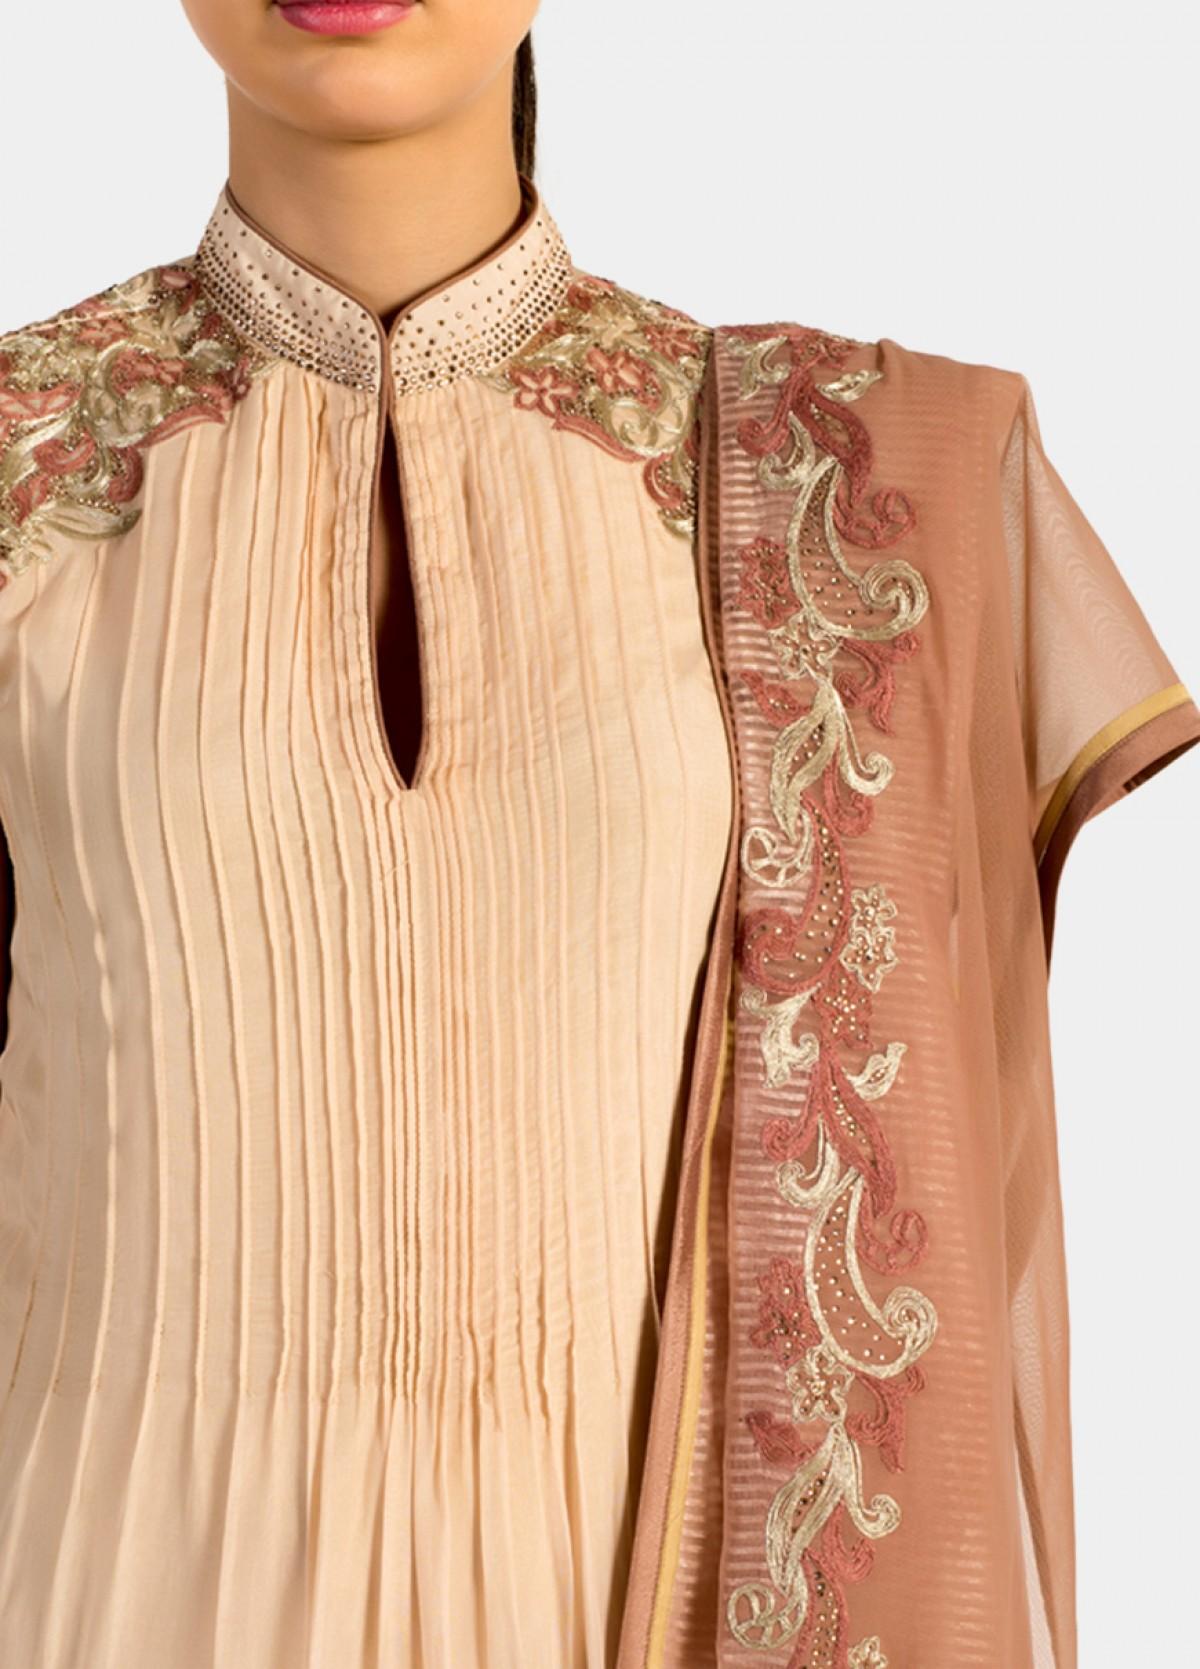 The Blushing Ombre Suit Kurta Bottom Dupatta Set